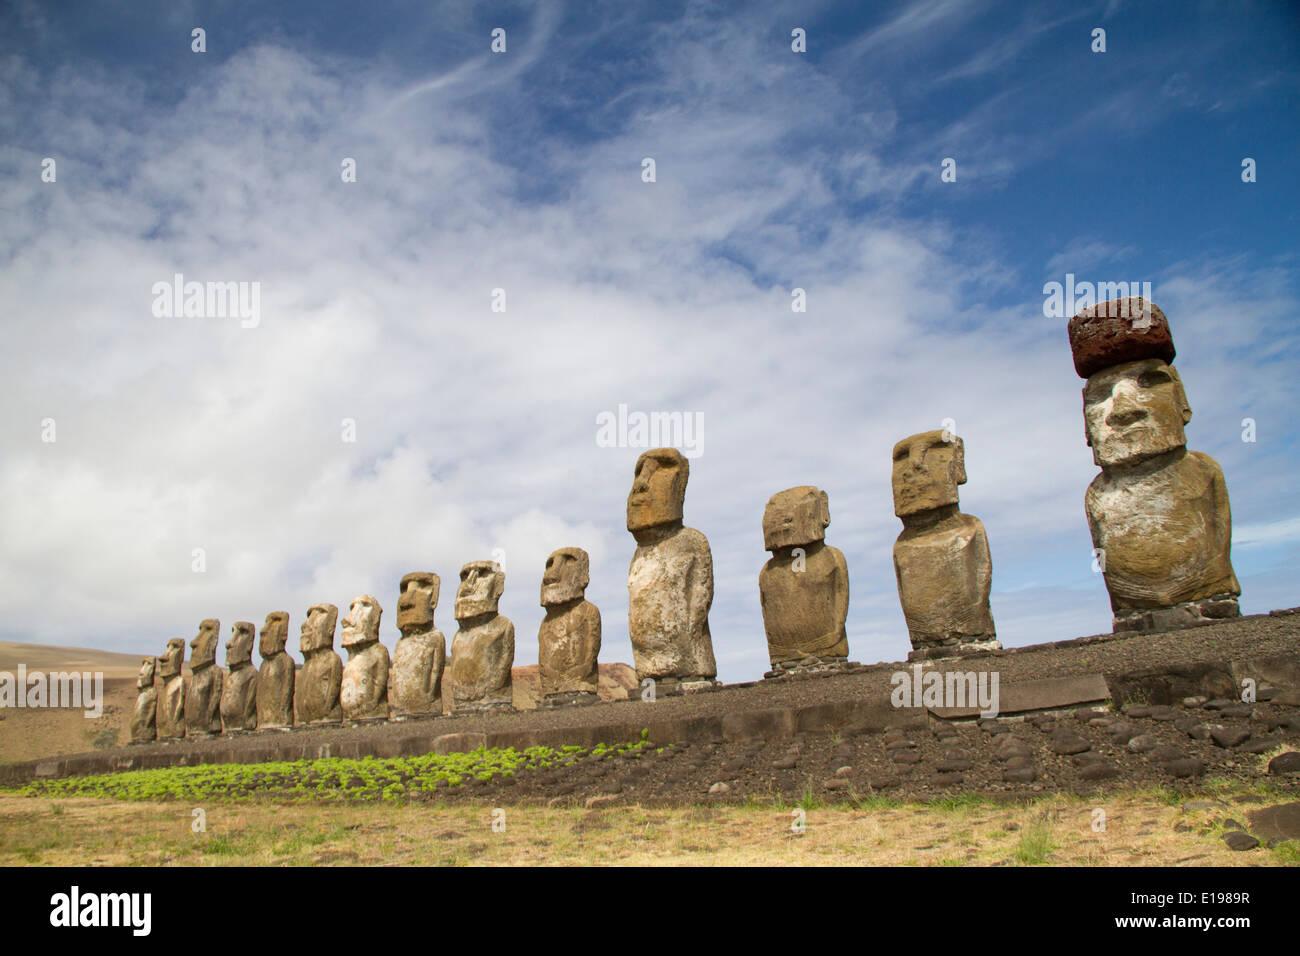 Catorce estatuas llamadas moai sobre una plataforma de roca llamado Abu, uno de los cuales tiene un tophat llamados pukao, a Ahu Tongariki Imagen De Stock